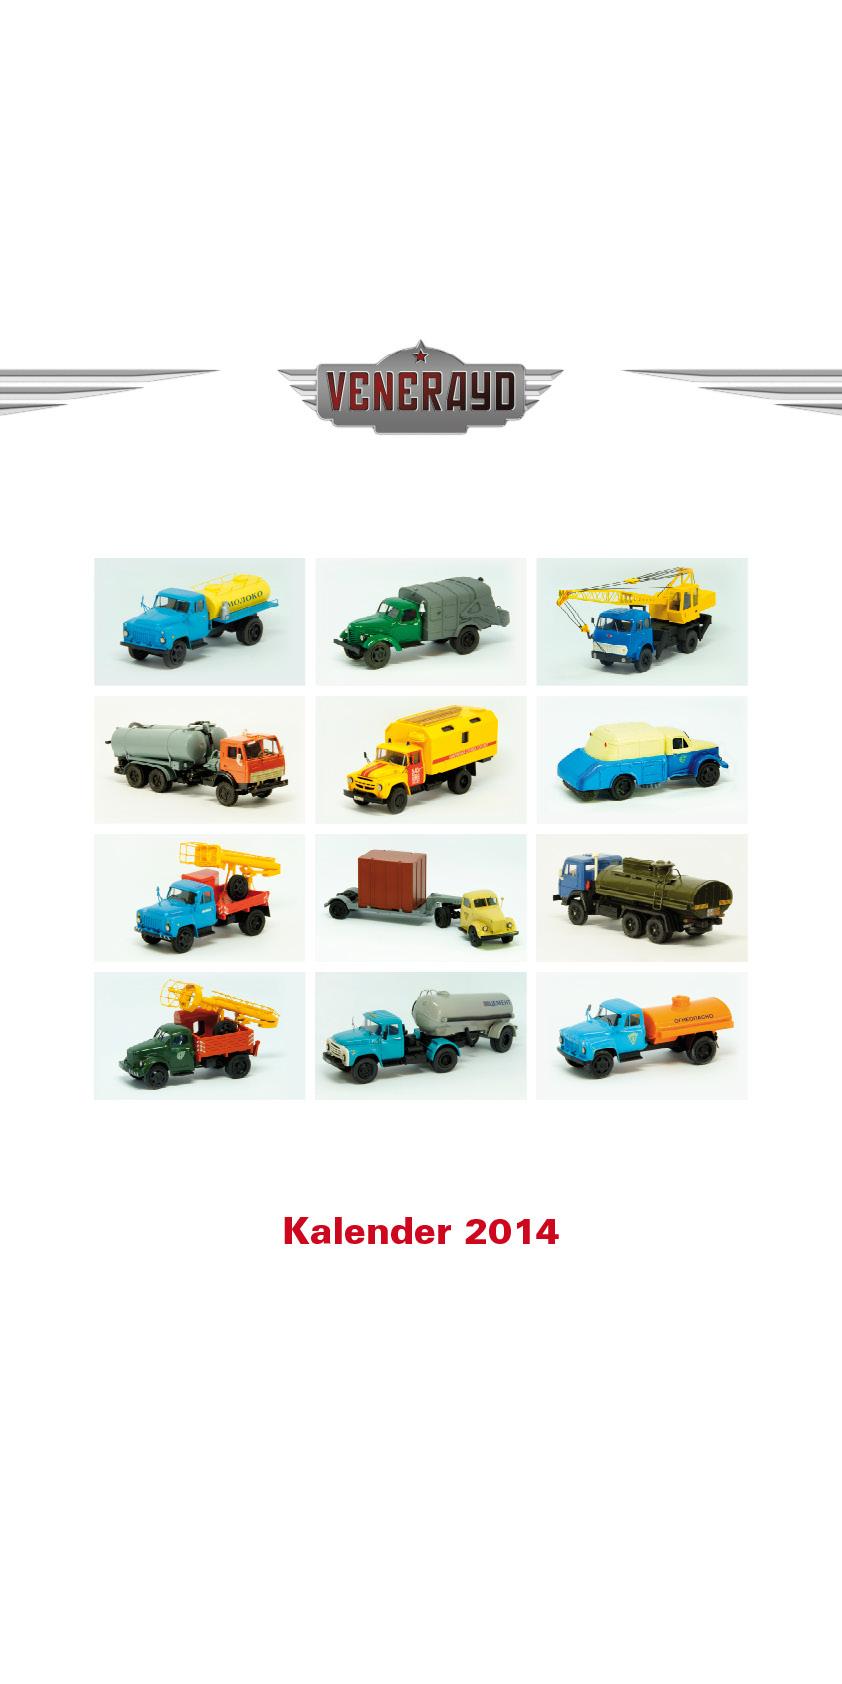 Veneraud_kalender_20141